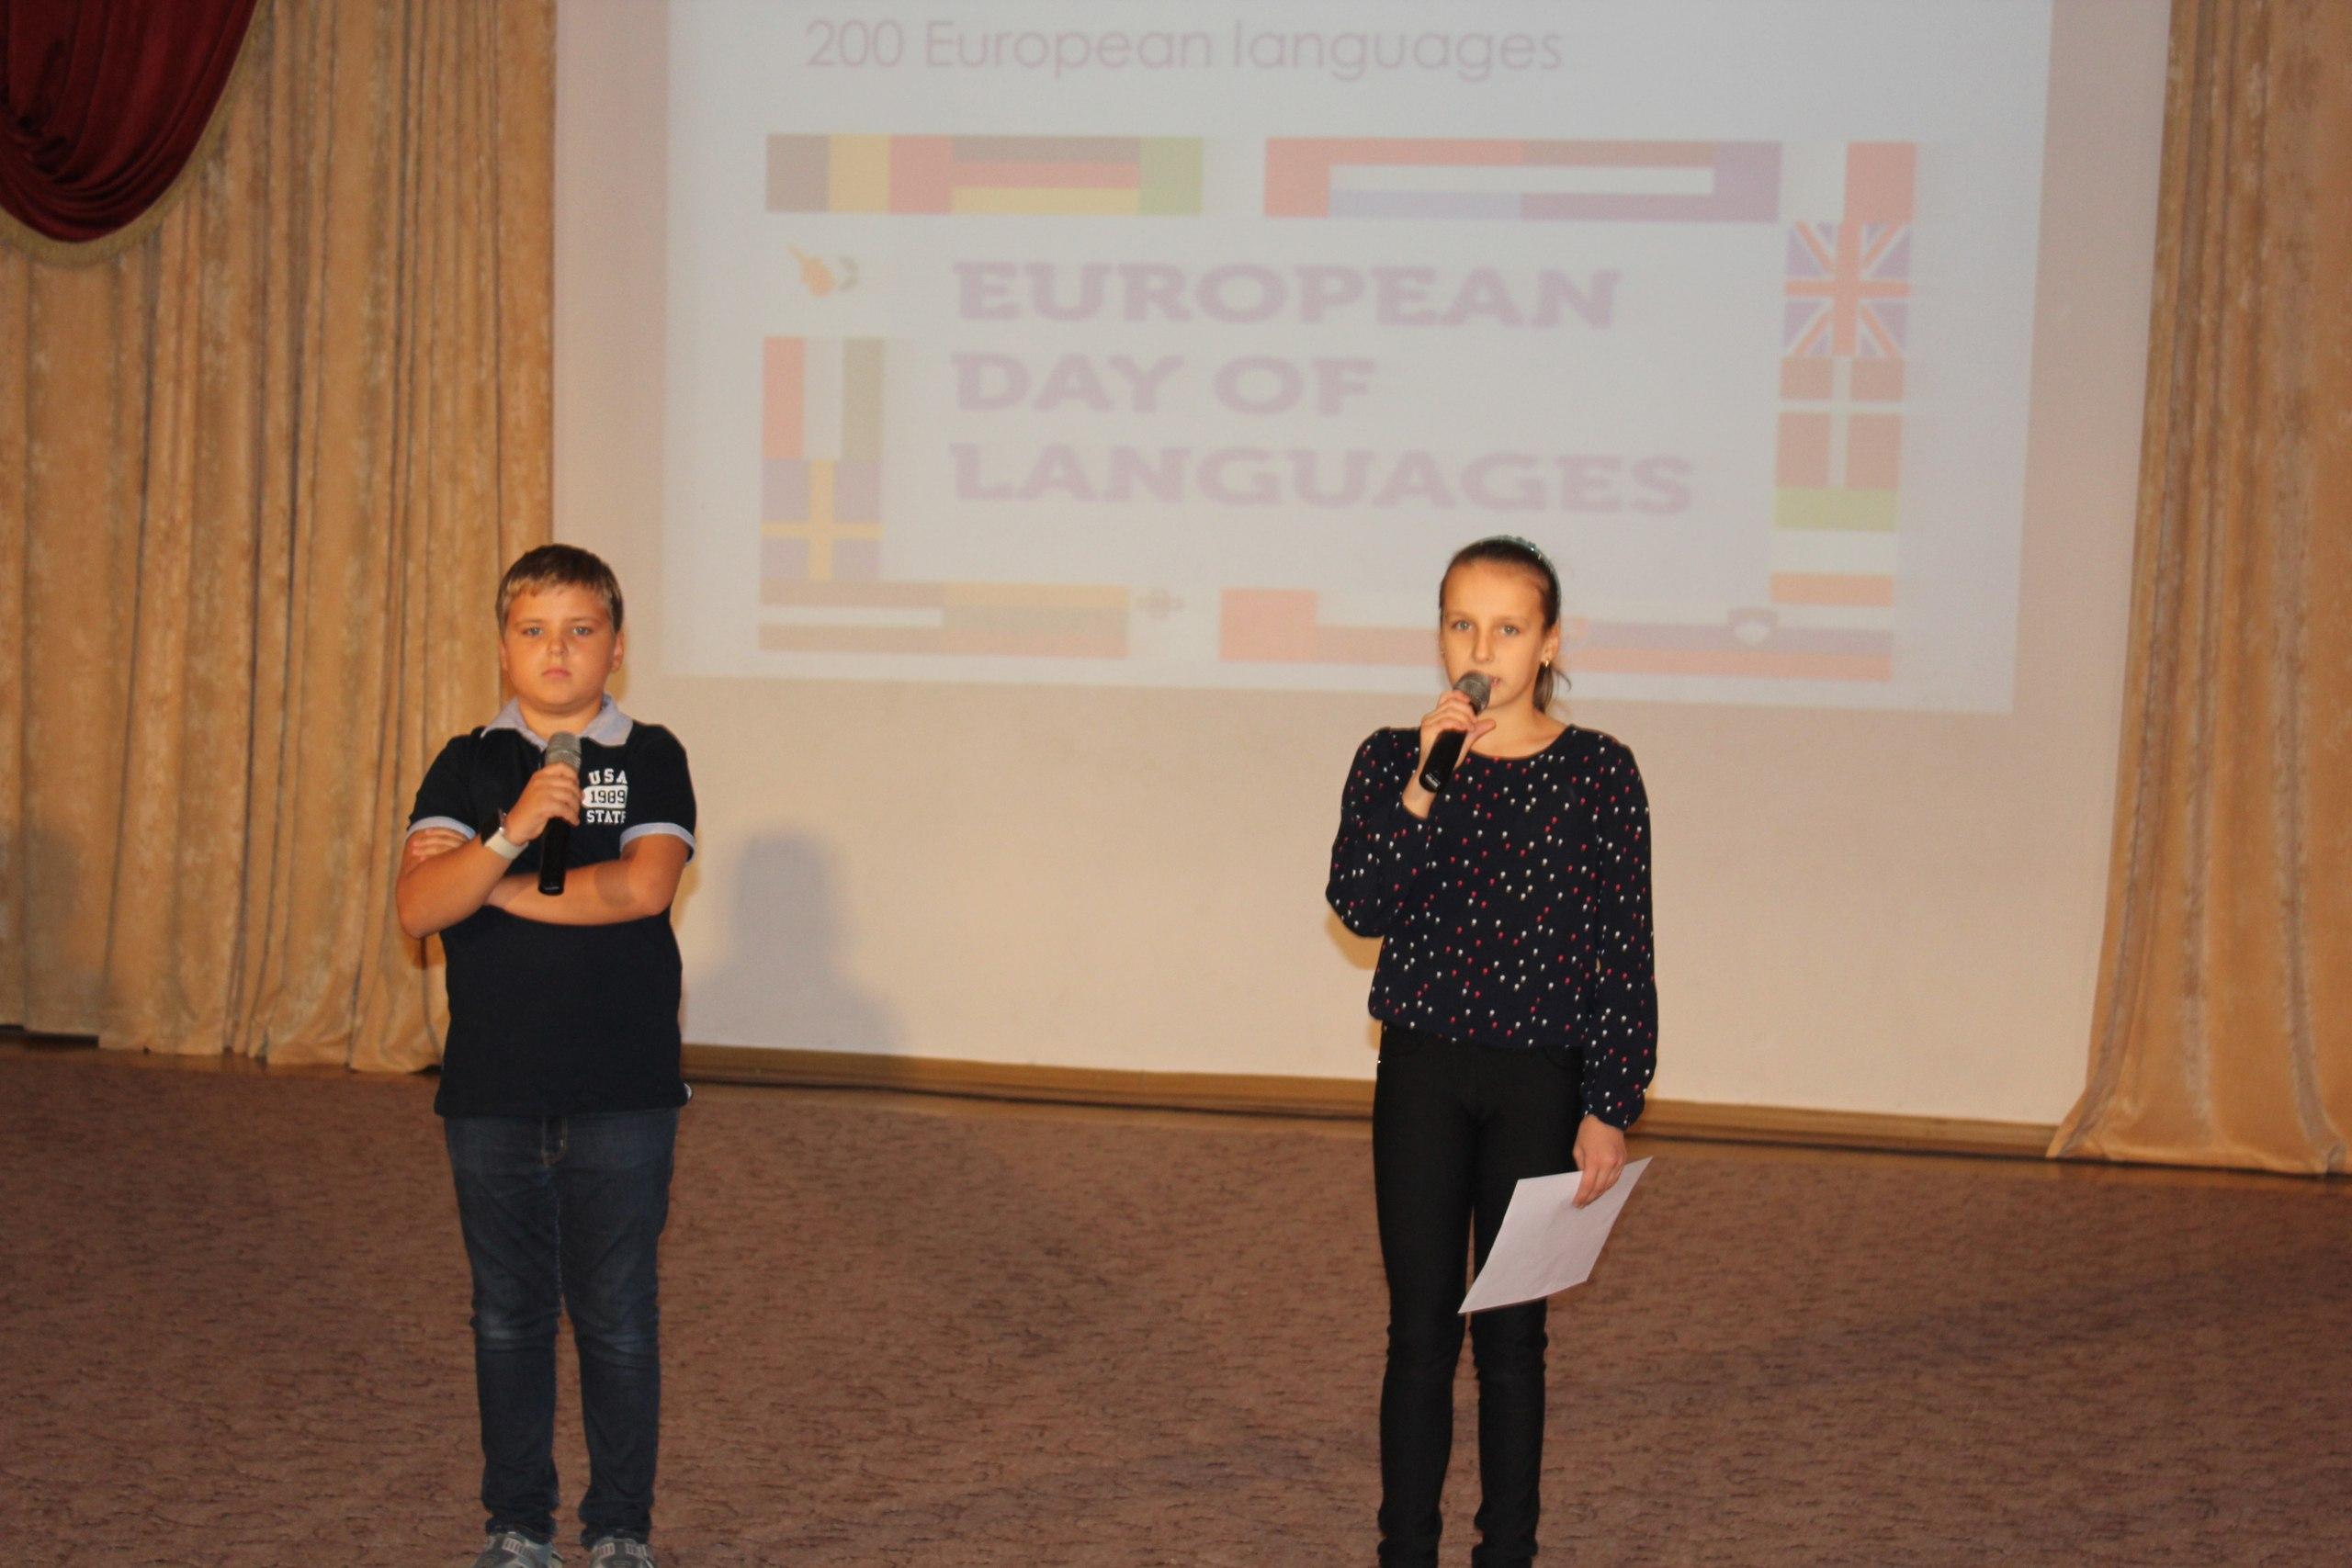 День европейских языков